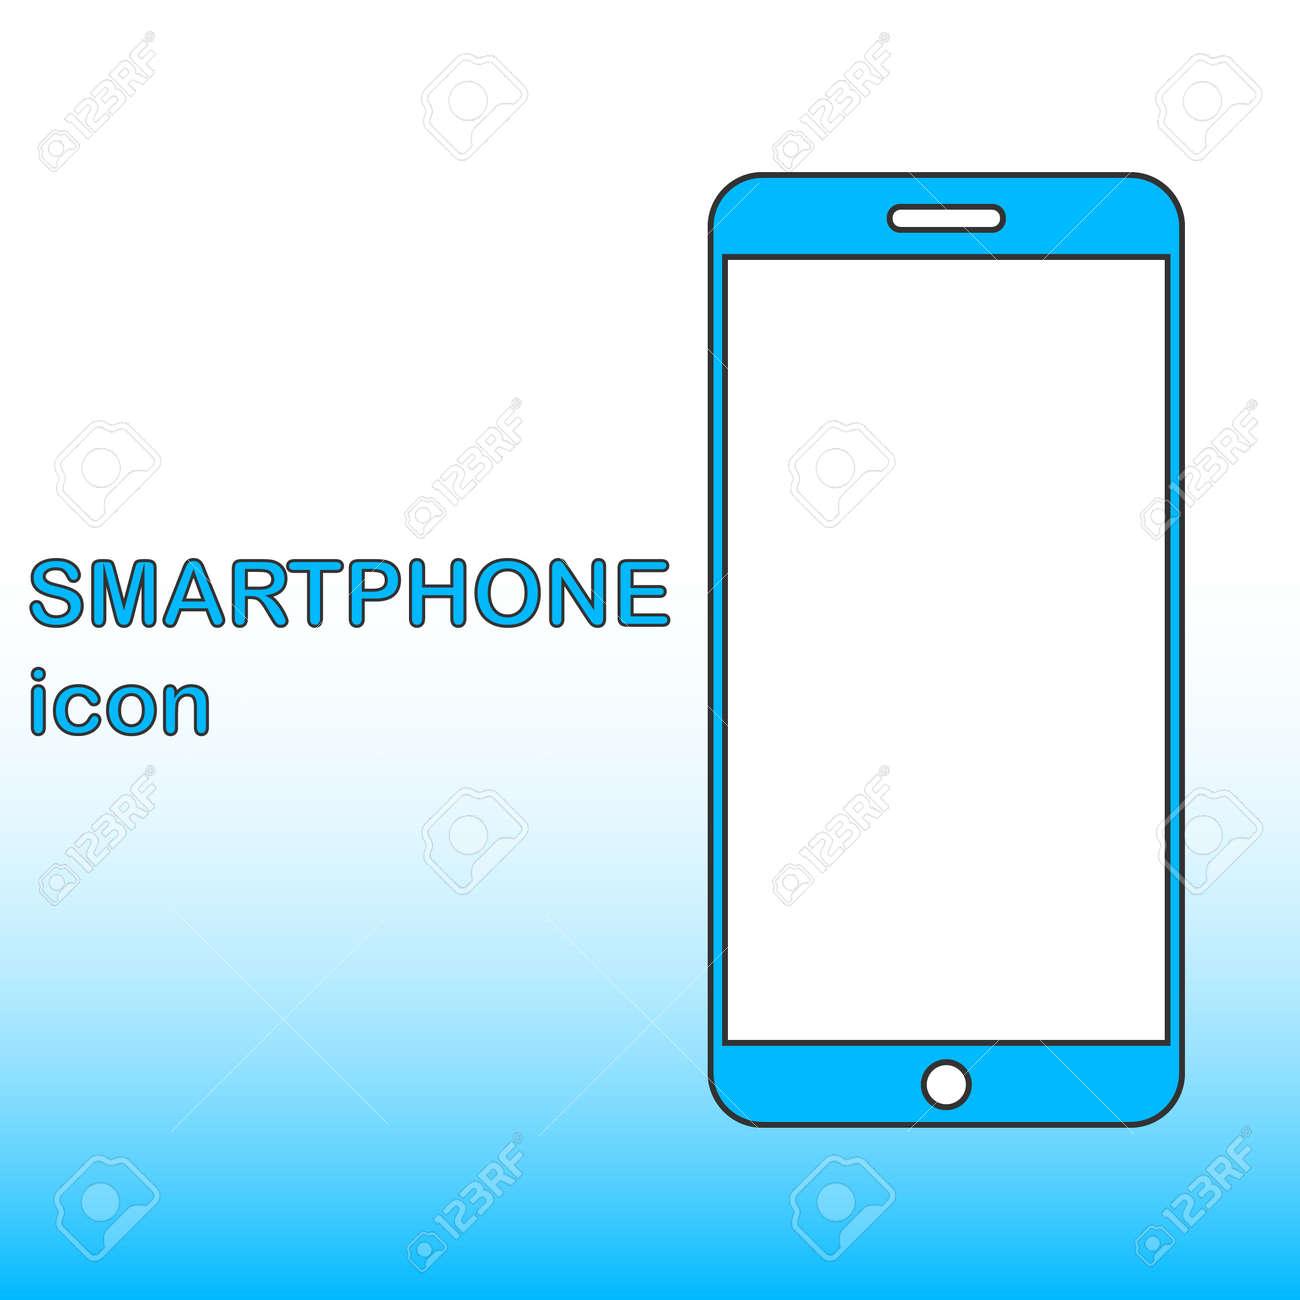 Realistic smartphone icon in flat design. Smartphone designer icon. Vector illustration. Vector. - 167578903